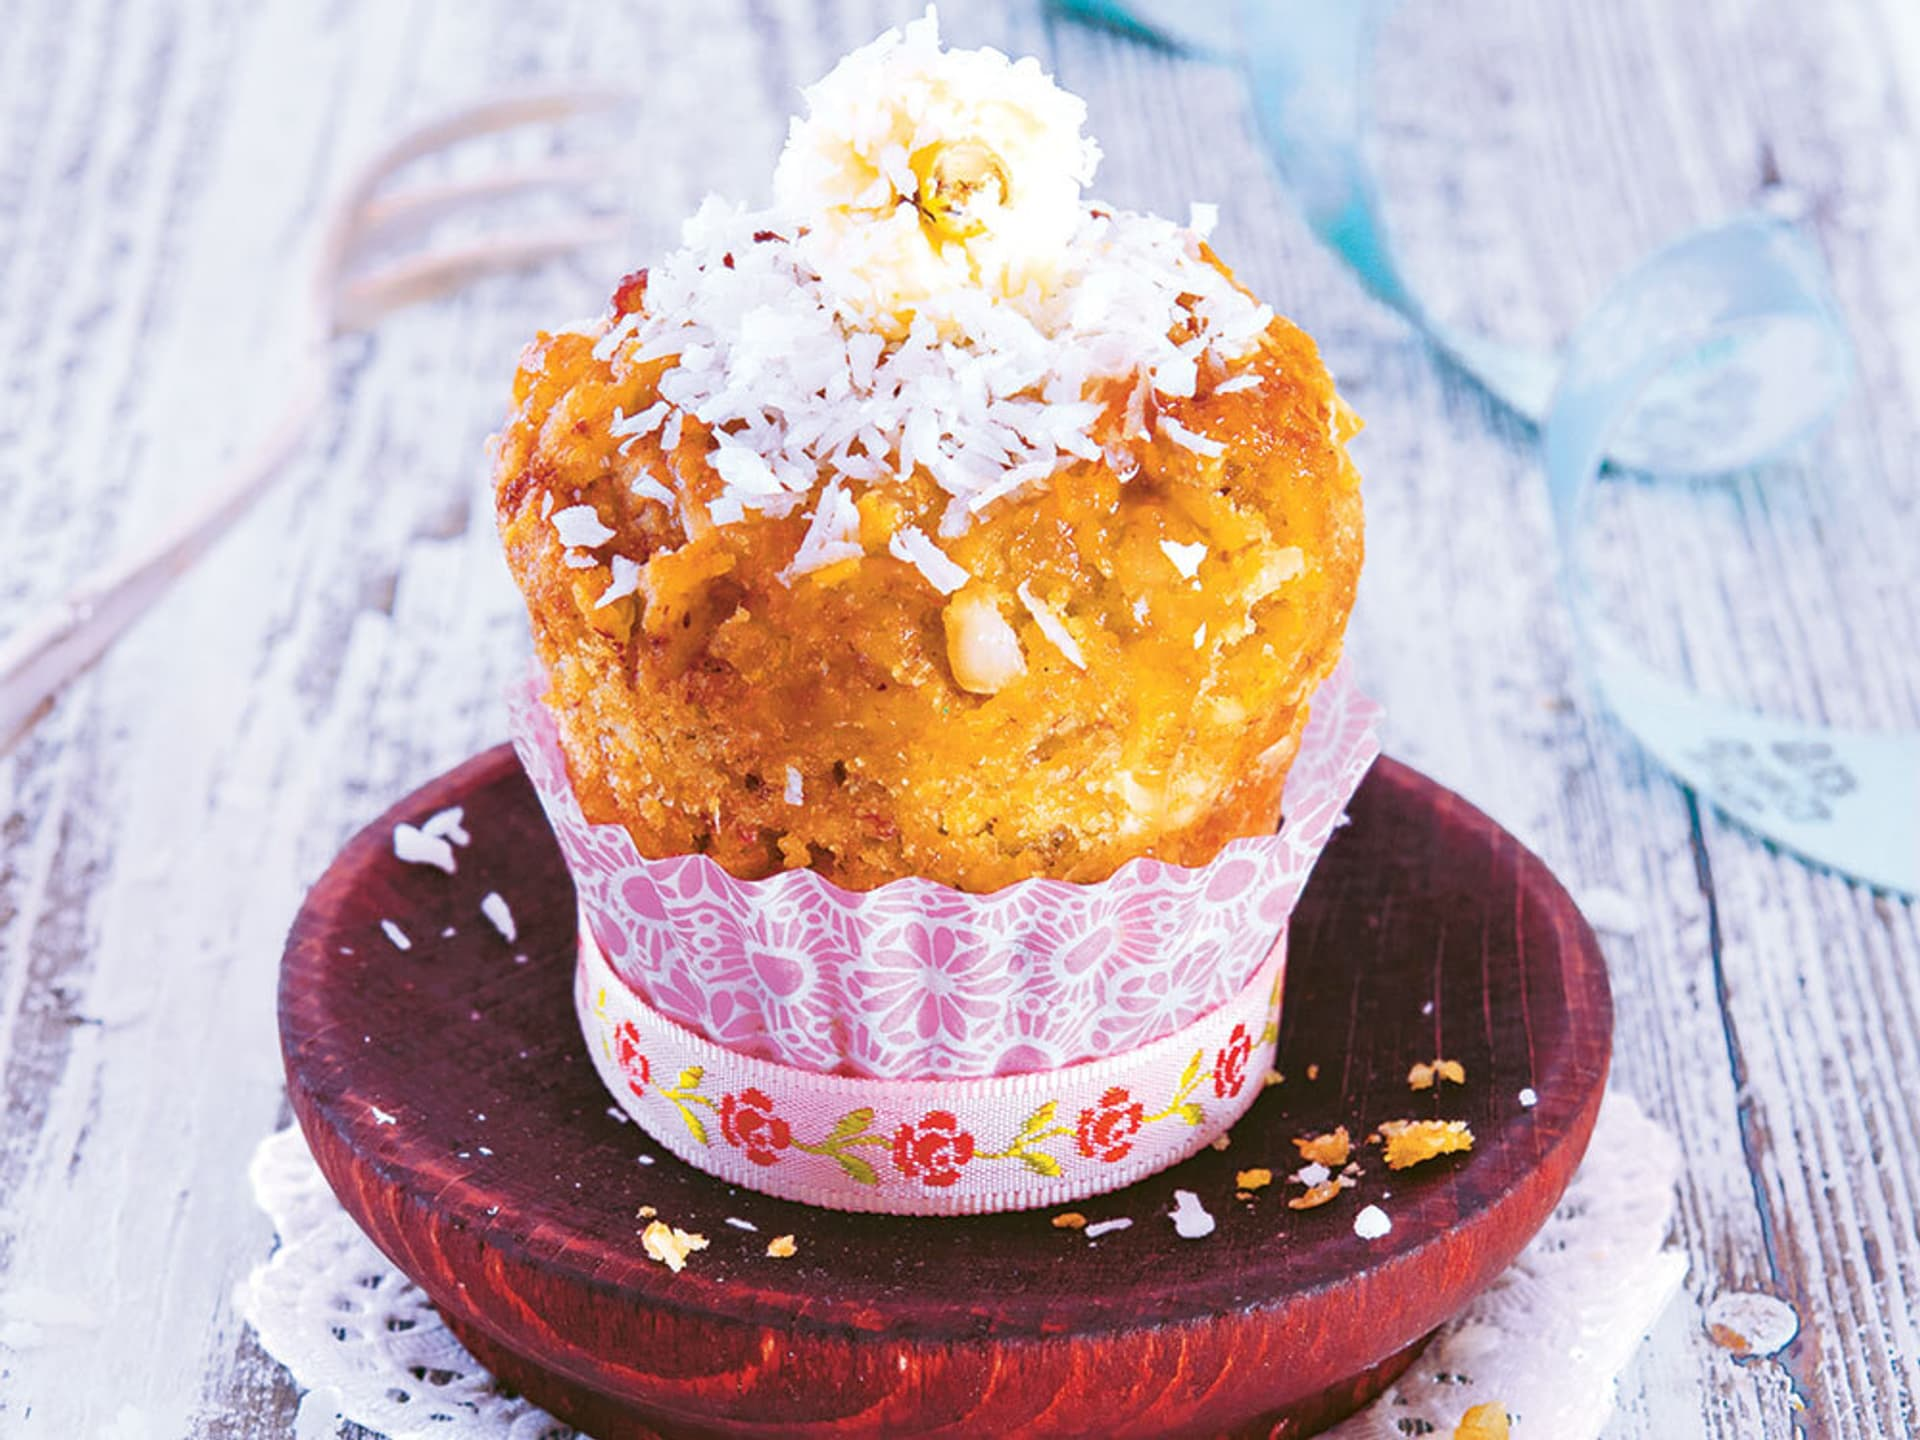 Teller mit Muffin